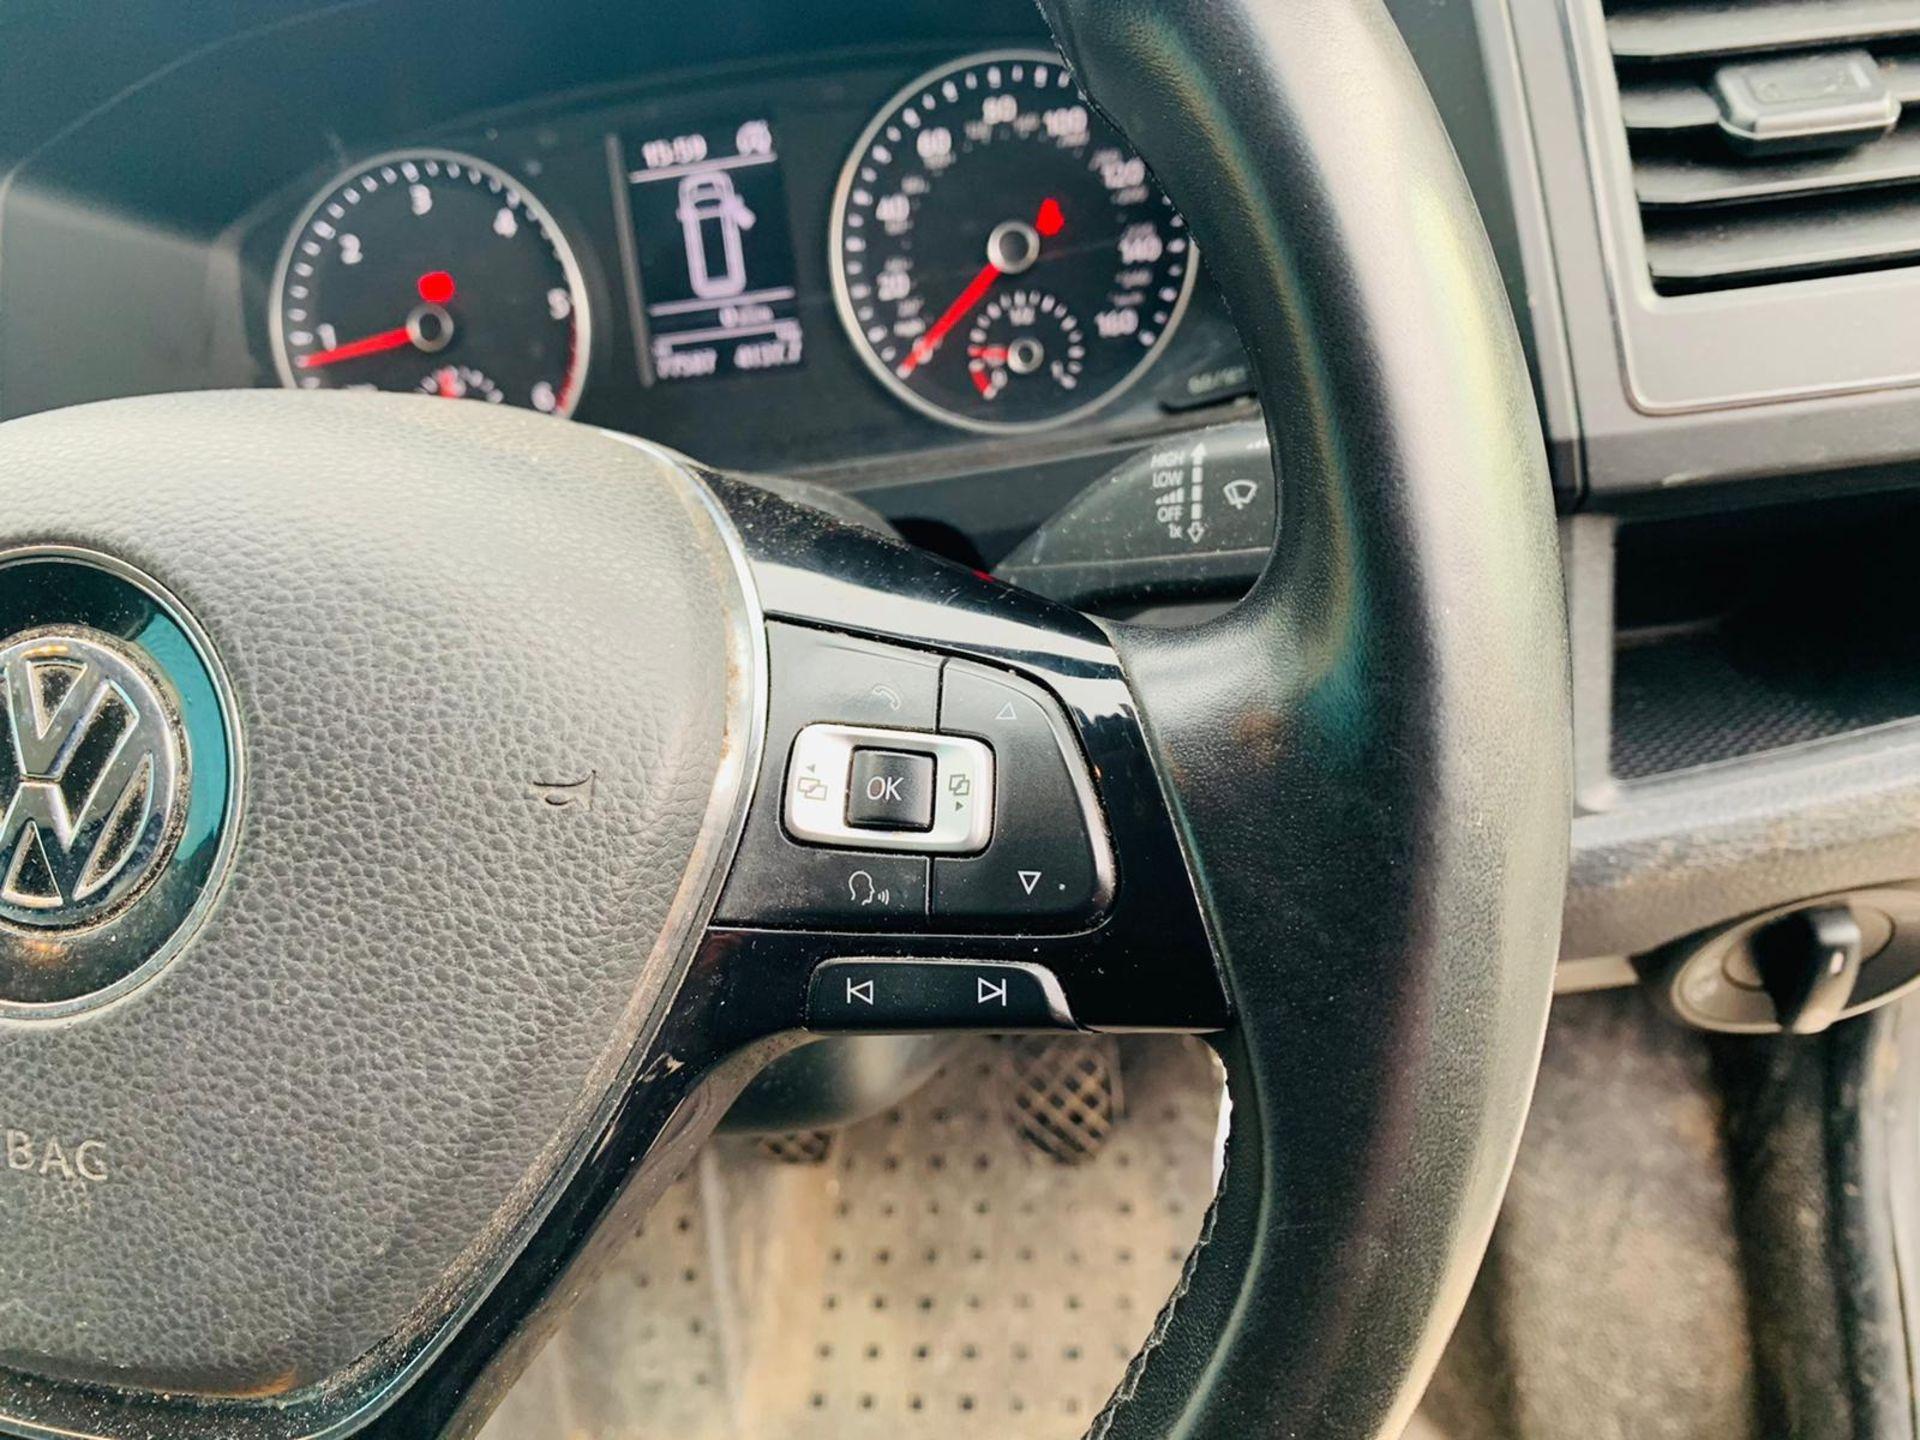 (RESERVE MET) Volkswagen (VW) Transporter 2.0 TDI 150 Highline T28 2018 18 Reg - Parking Sensors - - Image 20 of 23